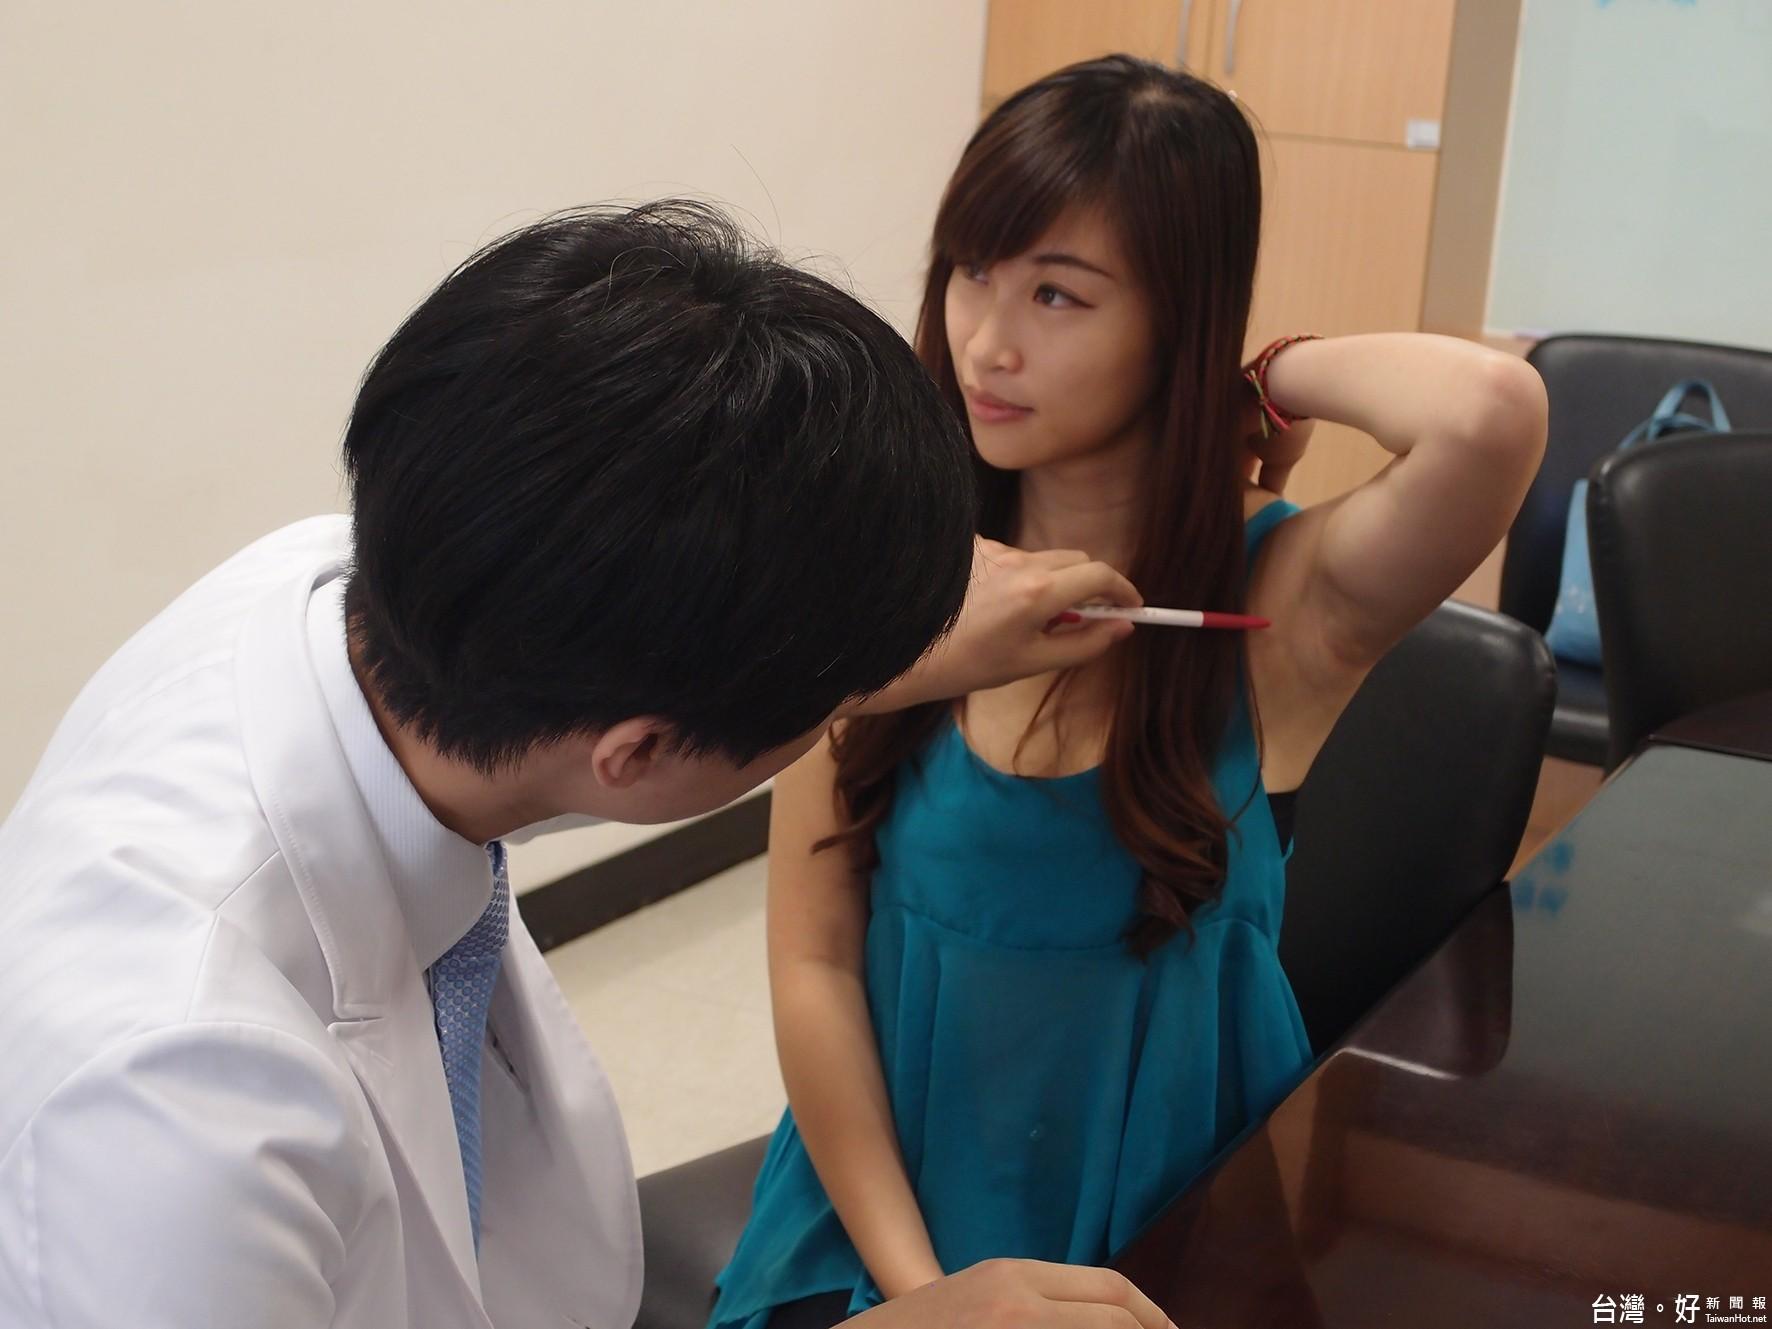 狐臭惱人妙齡女性離不開止汗膏 微波療法有效果